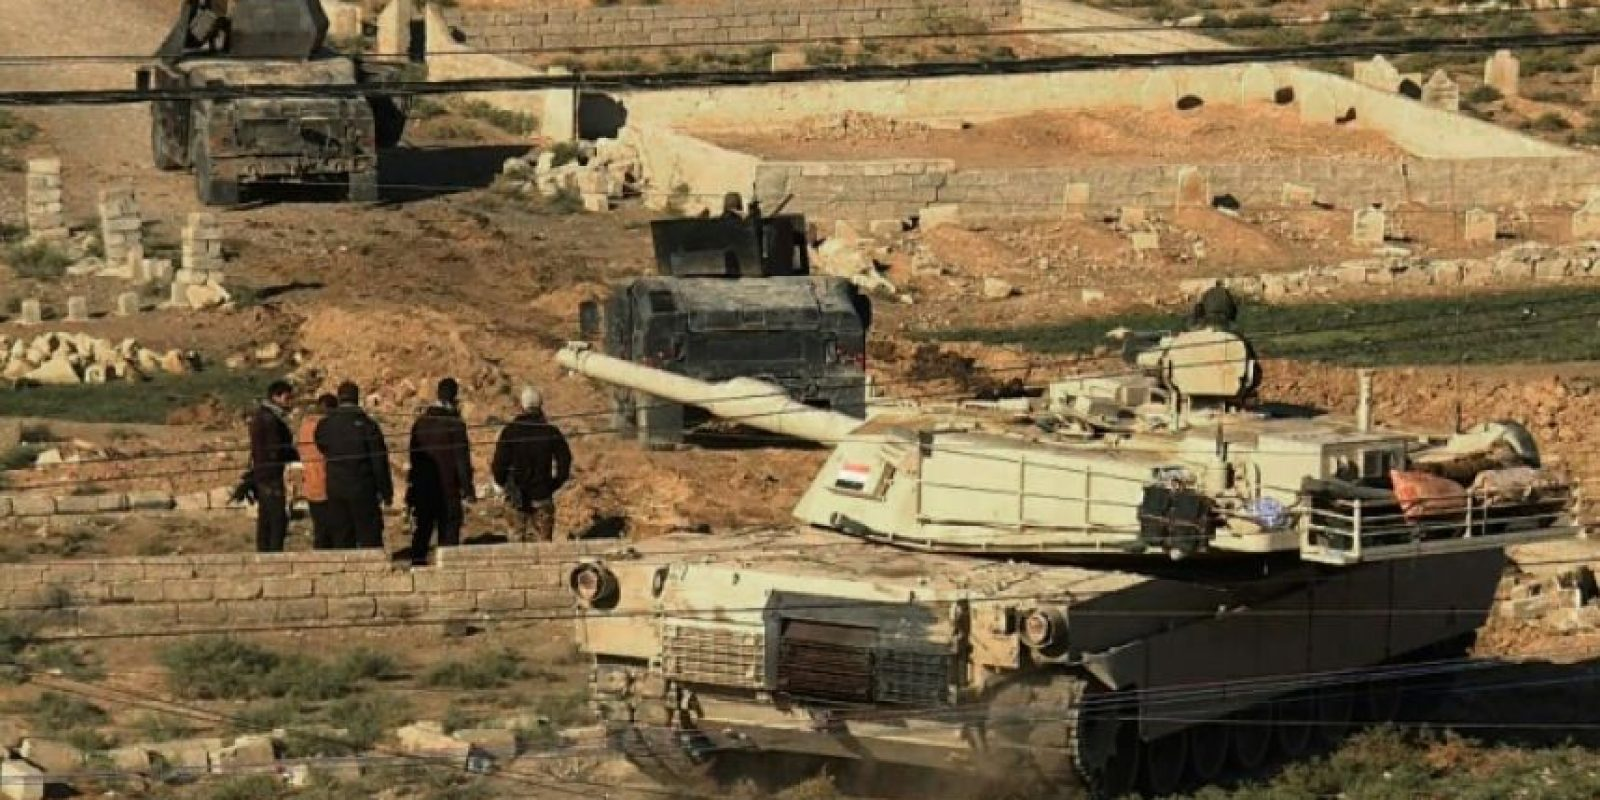 Un tanque y dos vehículos artillados de las fuerzas iraquíes toman posiciones en el distrito de Al-Karamah, al este de Mosul, en una imagen captada por AFPTV el viernes 4 de noviembre en esa ciudad de Irak Foto:Andrea Bernardi/afp.com